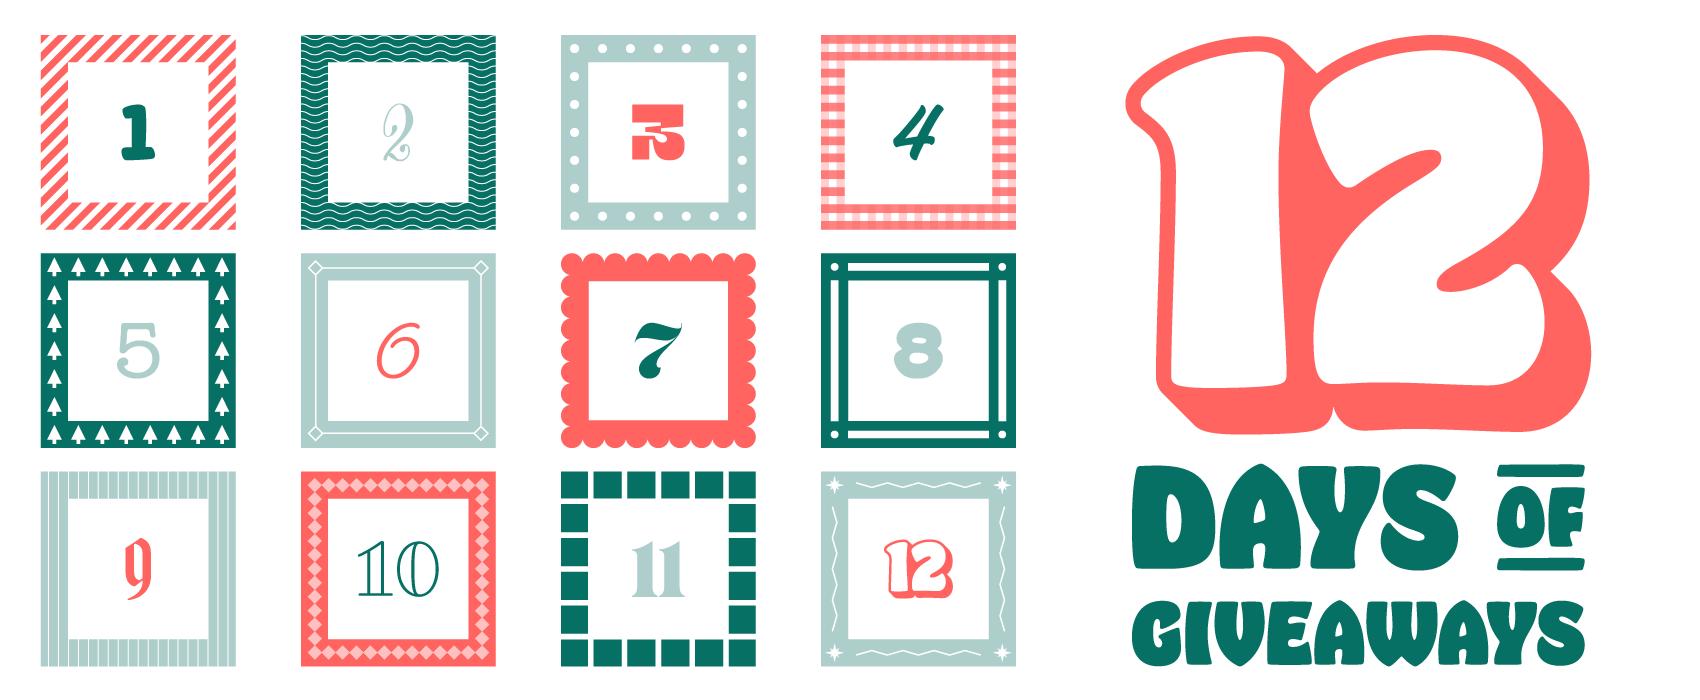 ImageFramer's 12 Days of Giveaways